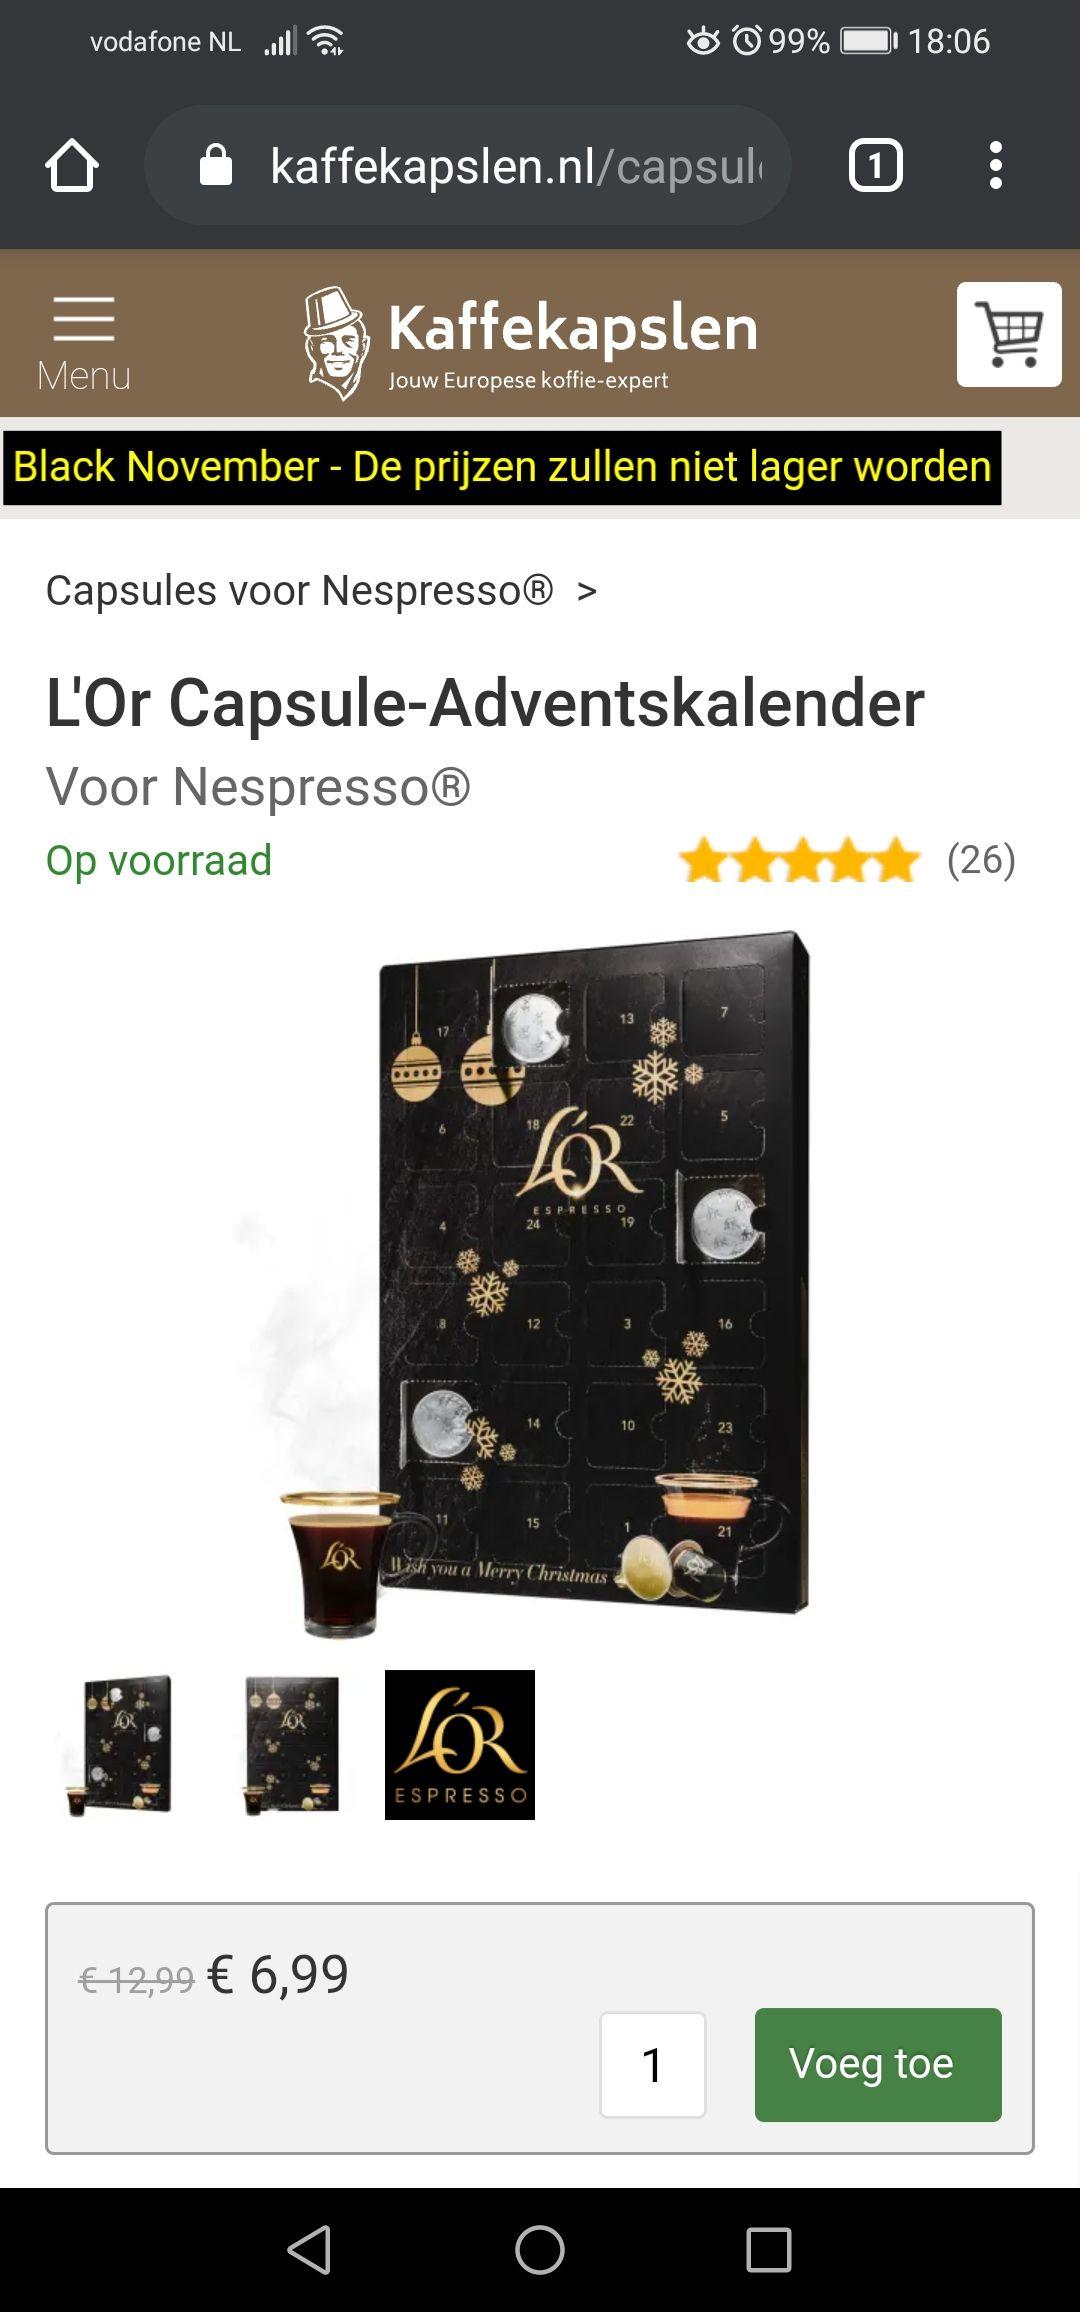 L'Or Capsule-Adventskalender